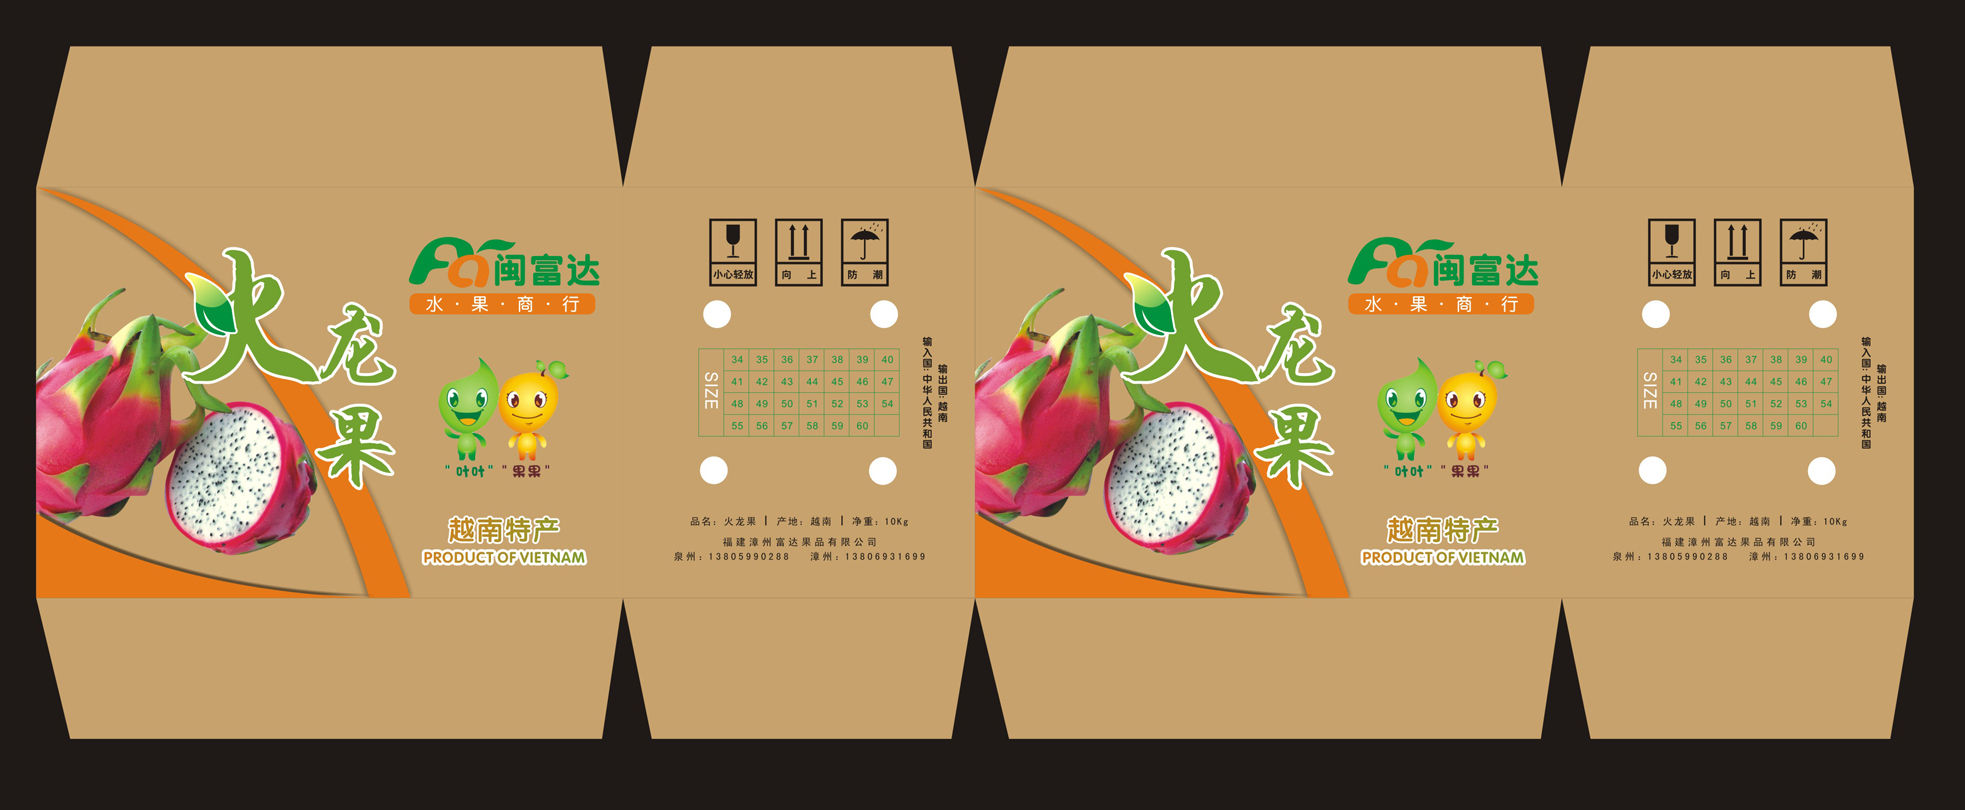 征集越南火龙果水果箱设计方案图片